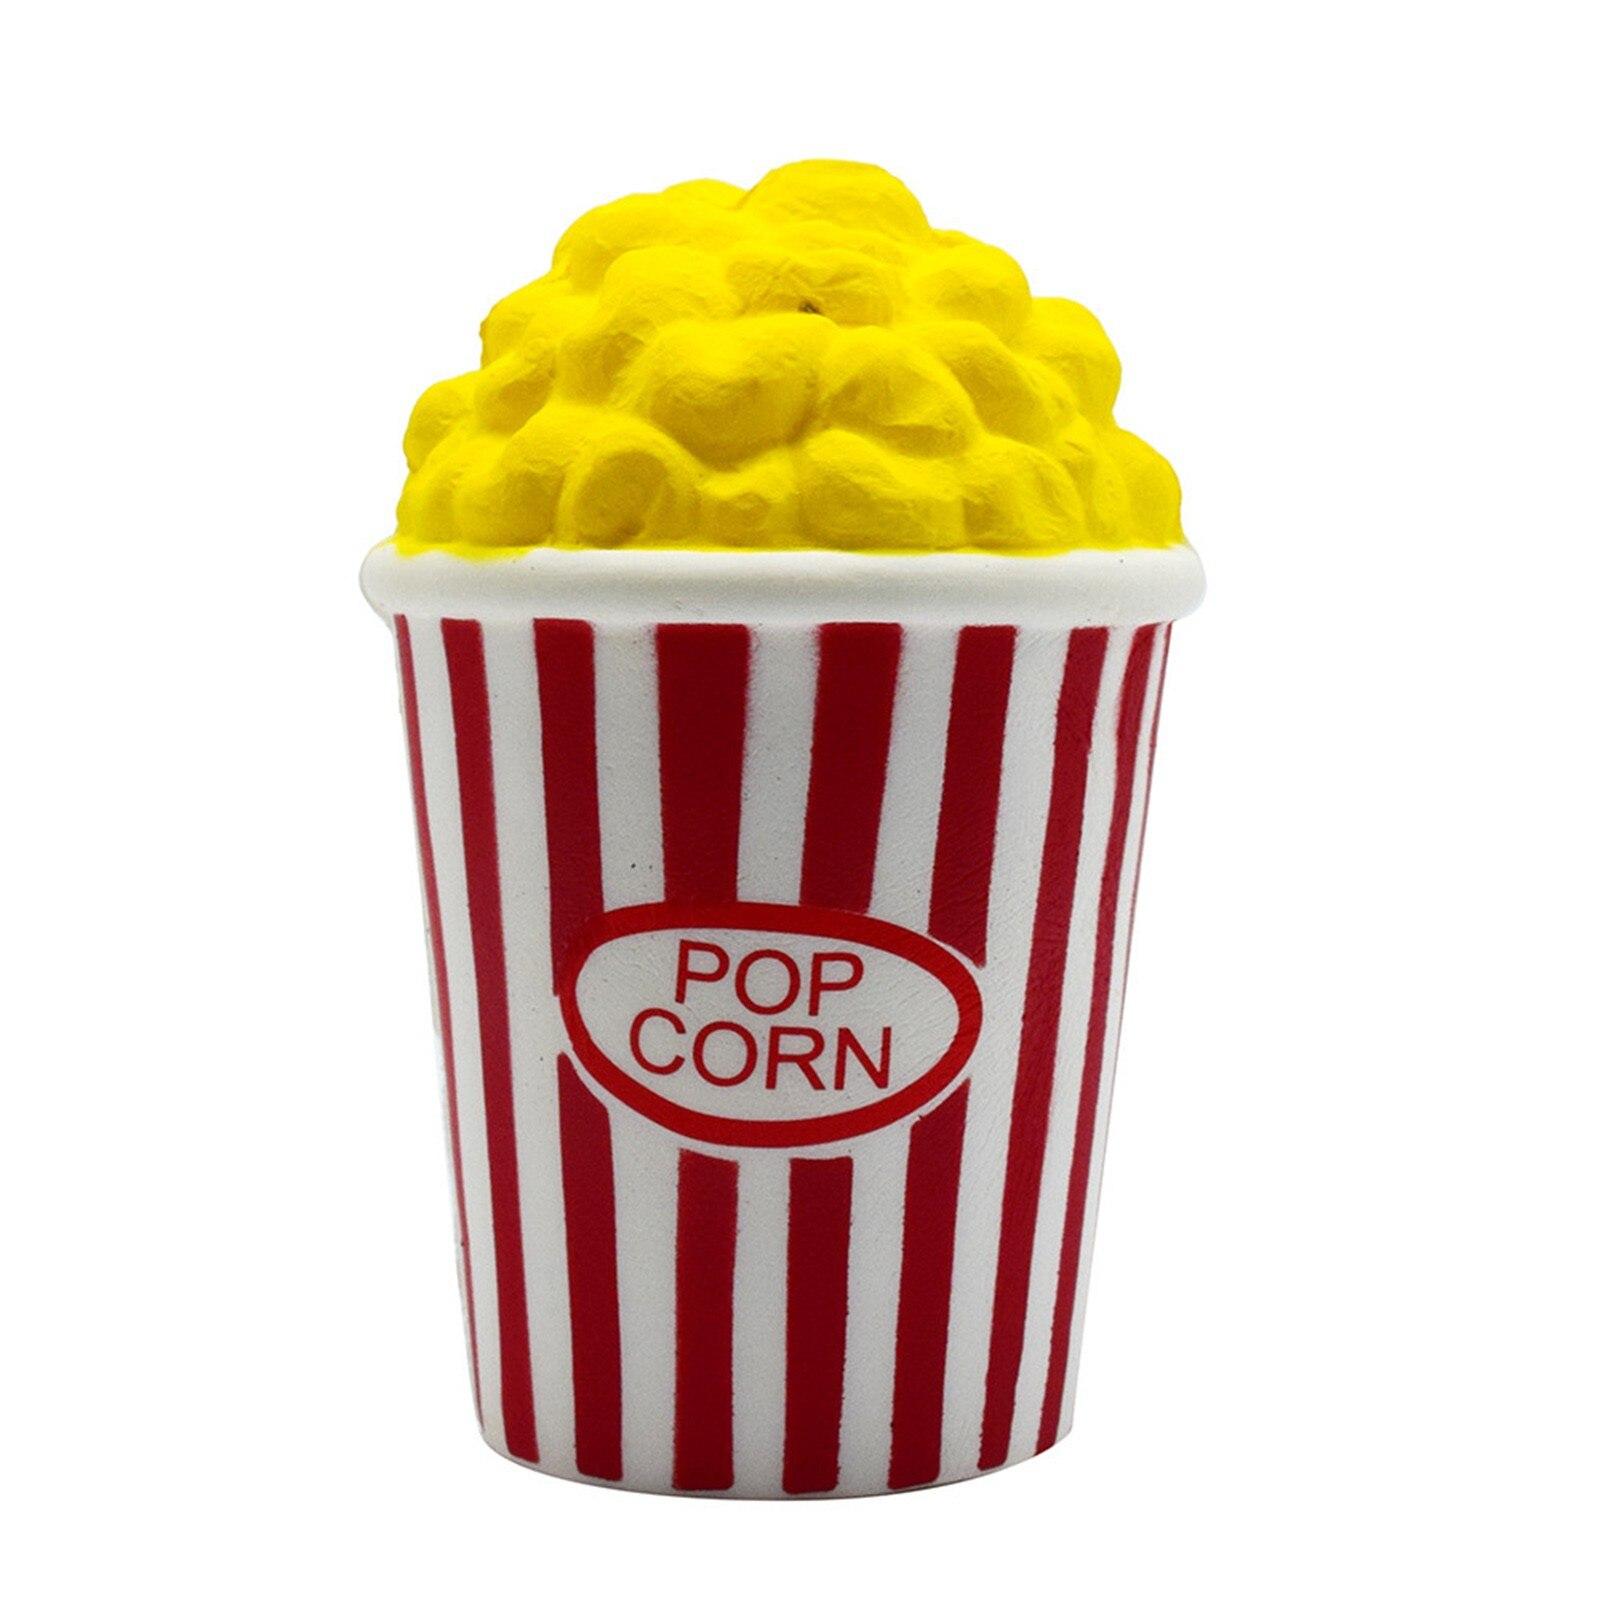 Squshy-Popcorn-Toys Hamburger Squish Stress Relief Milkshake Gift Slow Rising 1PC Jokes img3